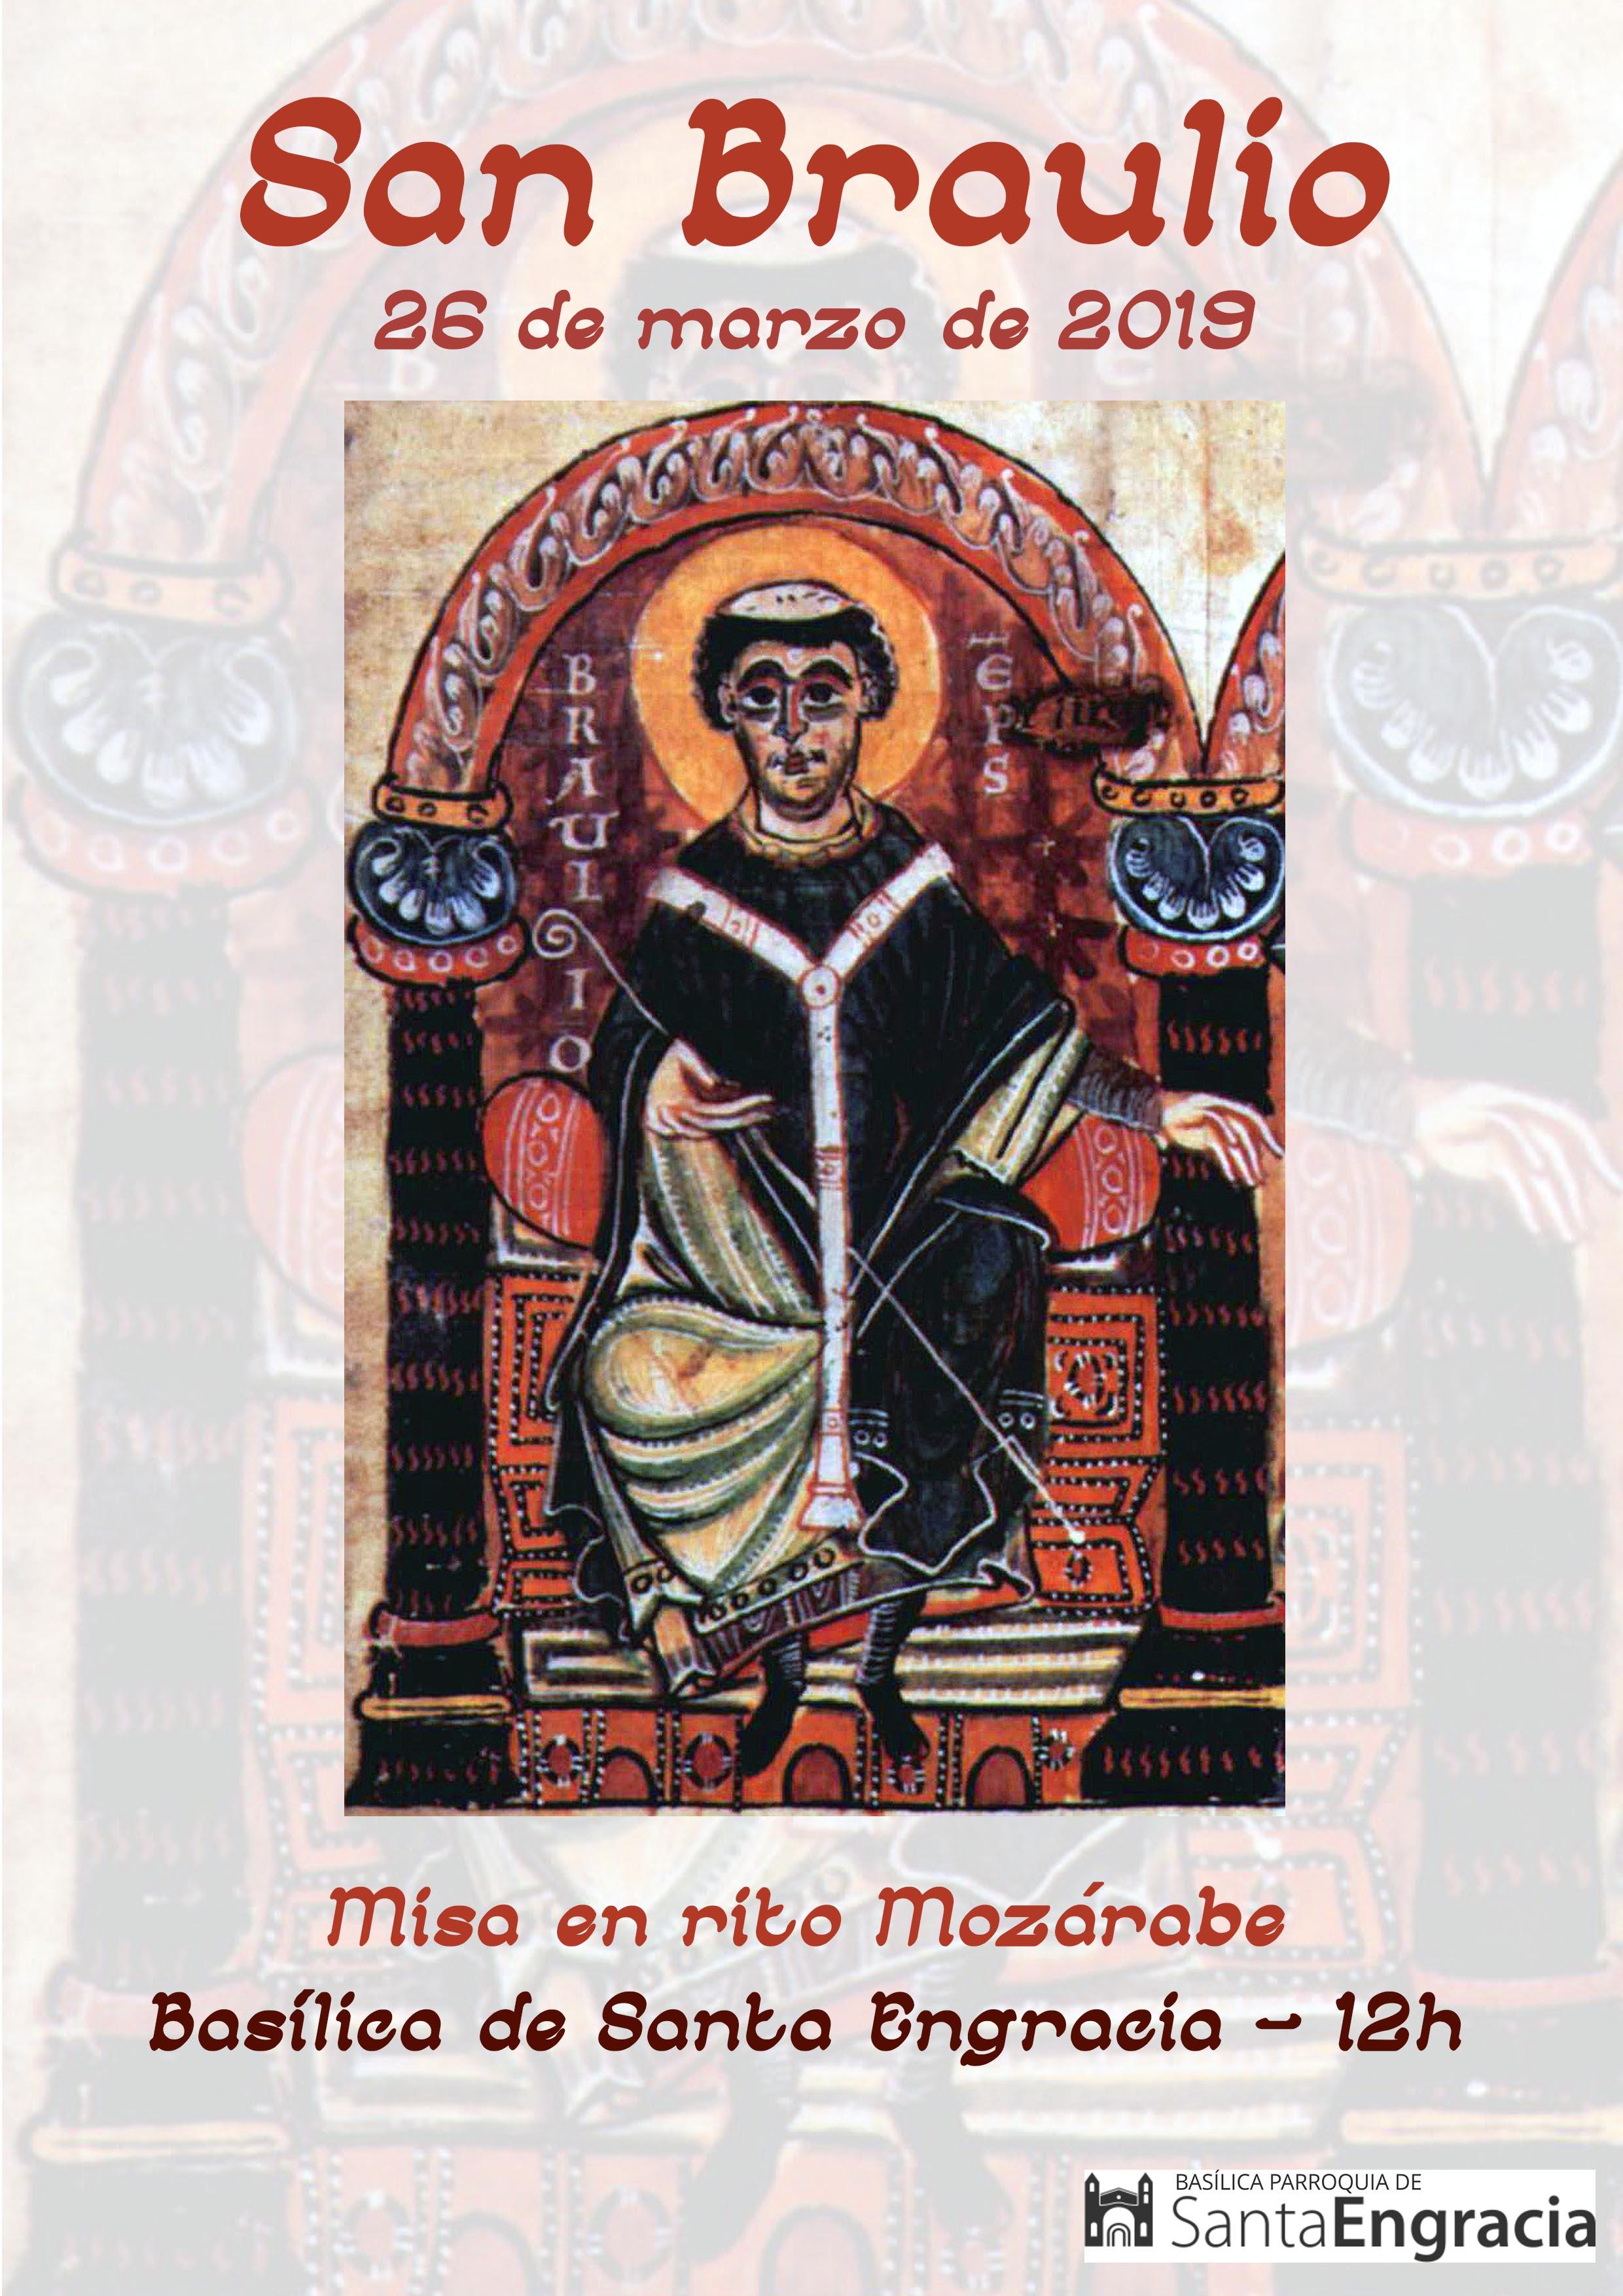 Martes 26, Misa en rito mozárabe